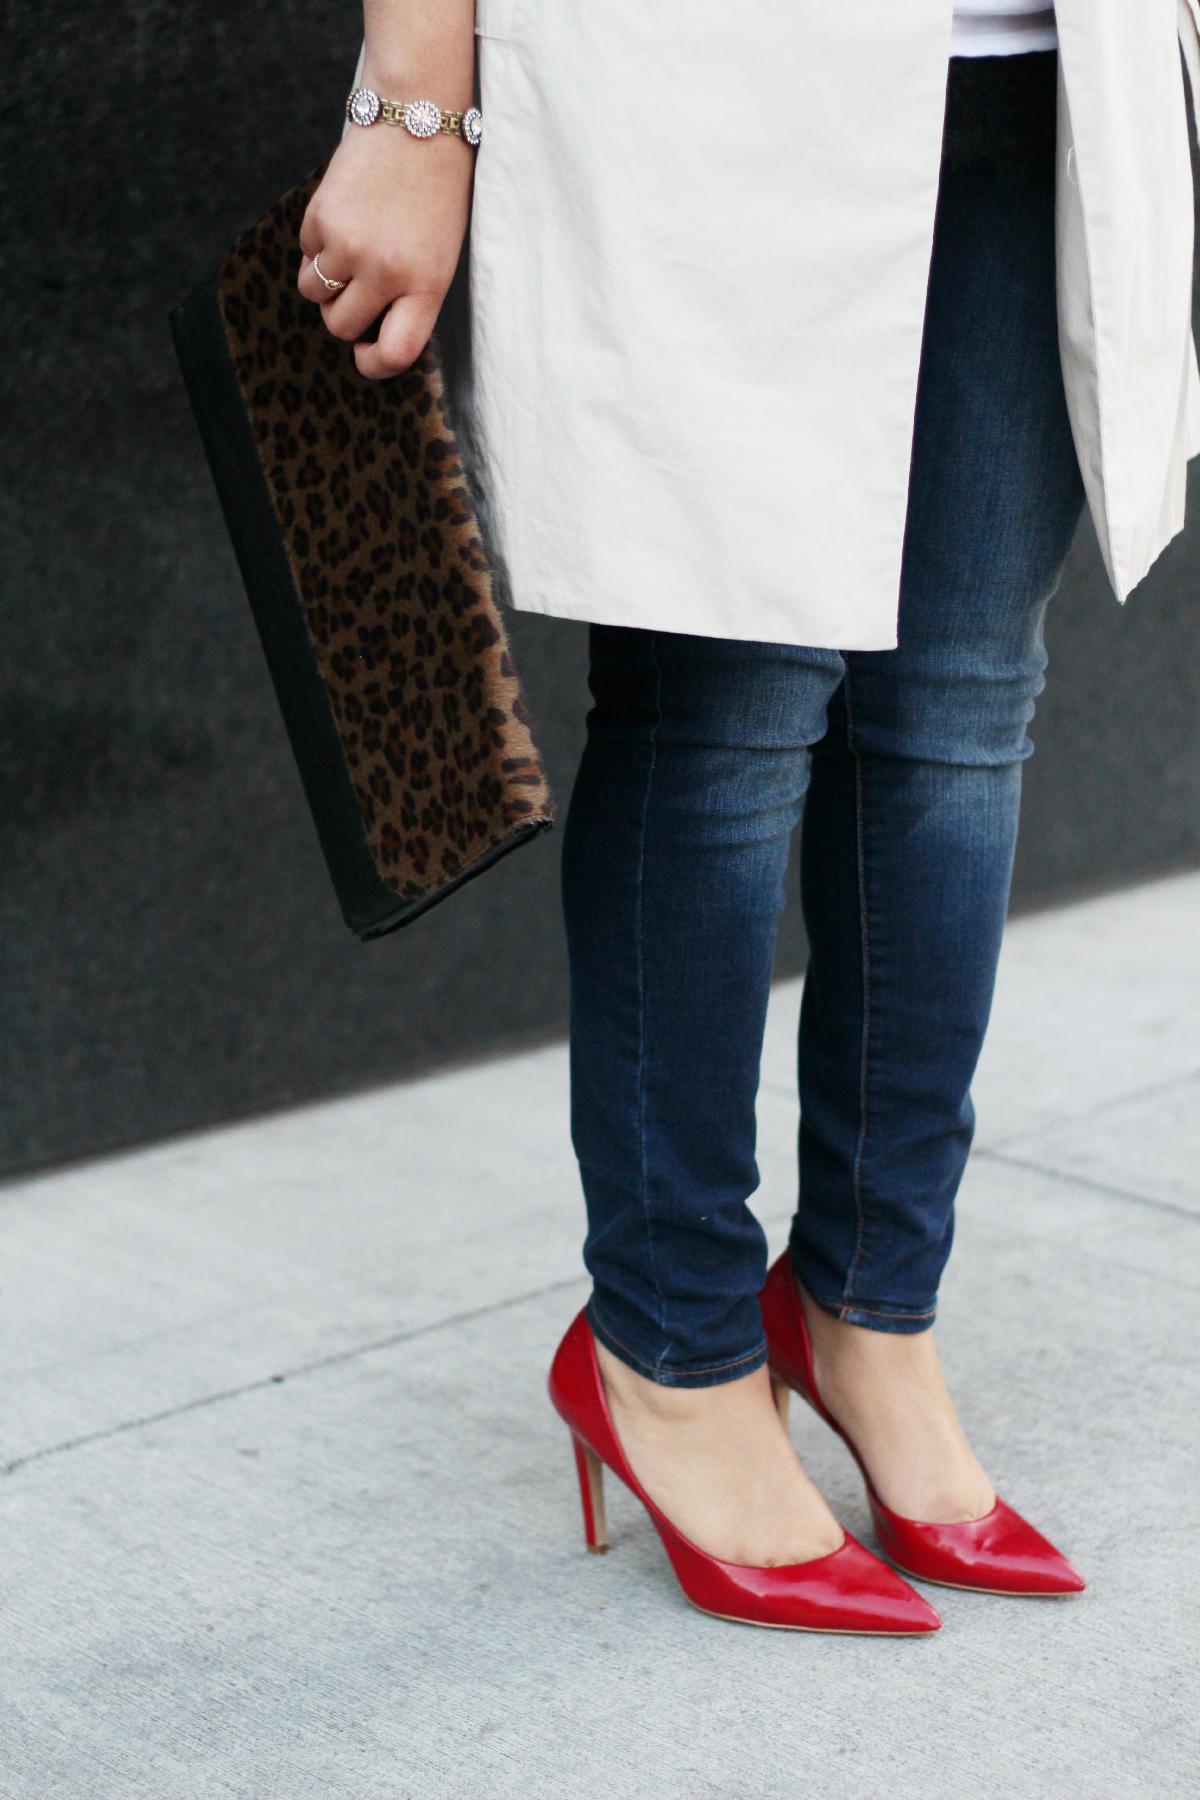 Red Heels & Leopard Clutch